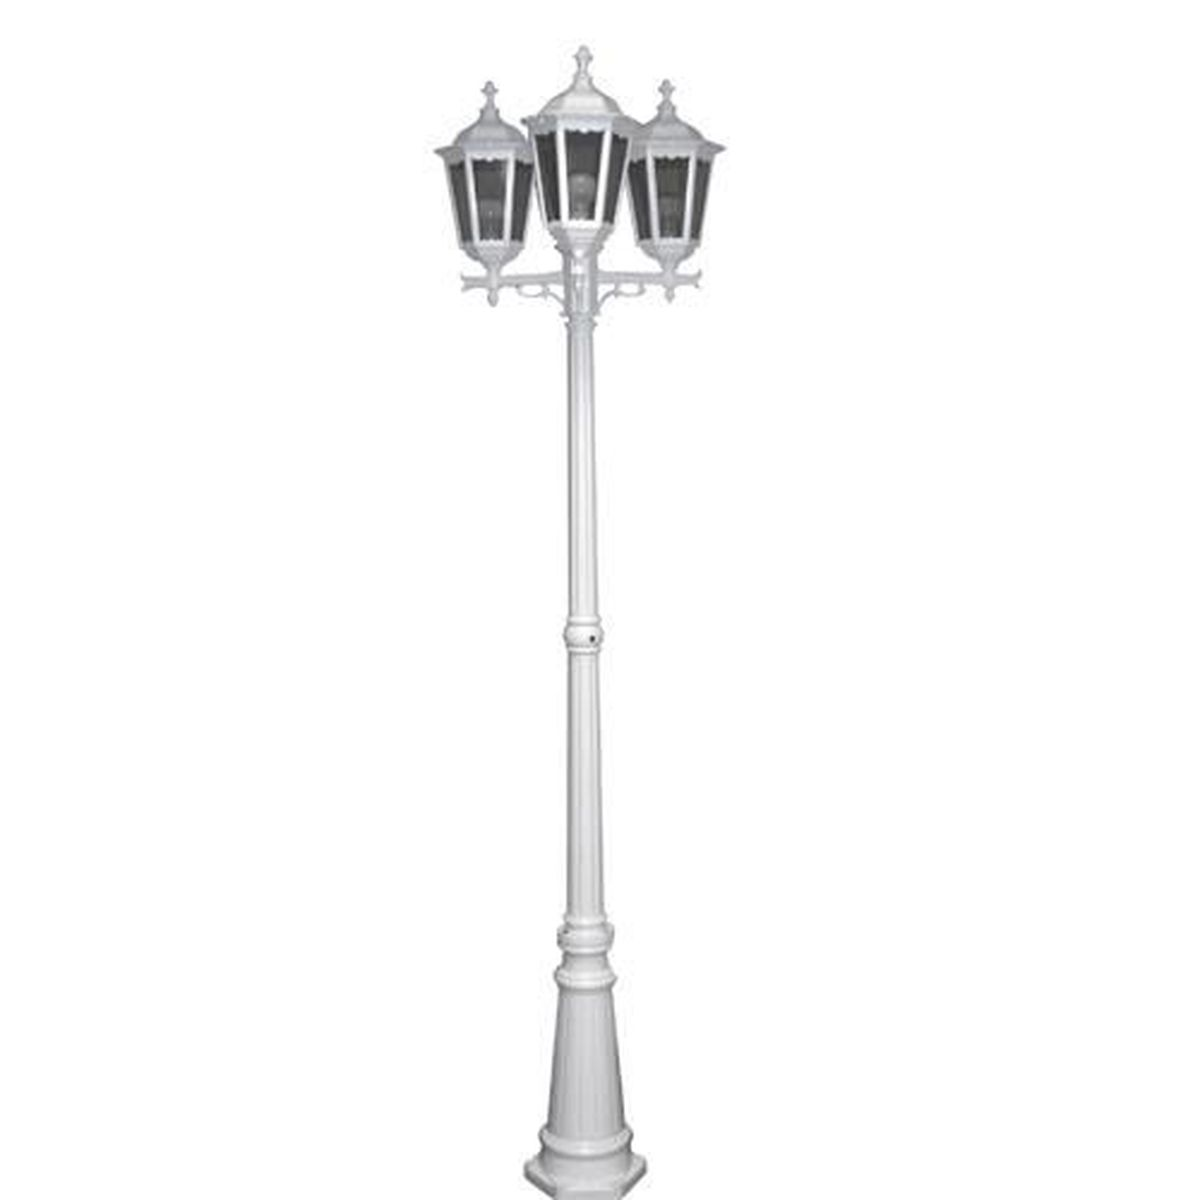 lampadaire d 39 ext rieur blanc 100 w lisa 2592 achat vente lampadaire d 39 ext rieur blan. Black Bedroom Furniture Sets. Home Design Ideas